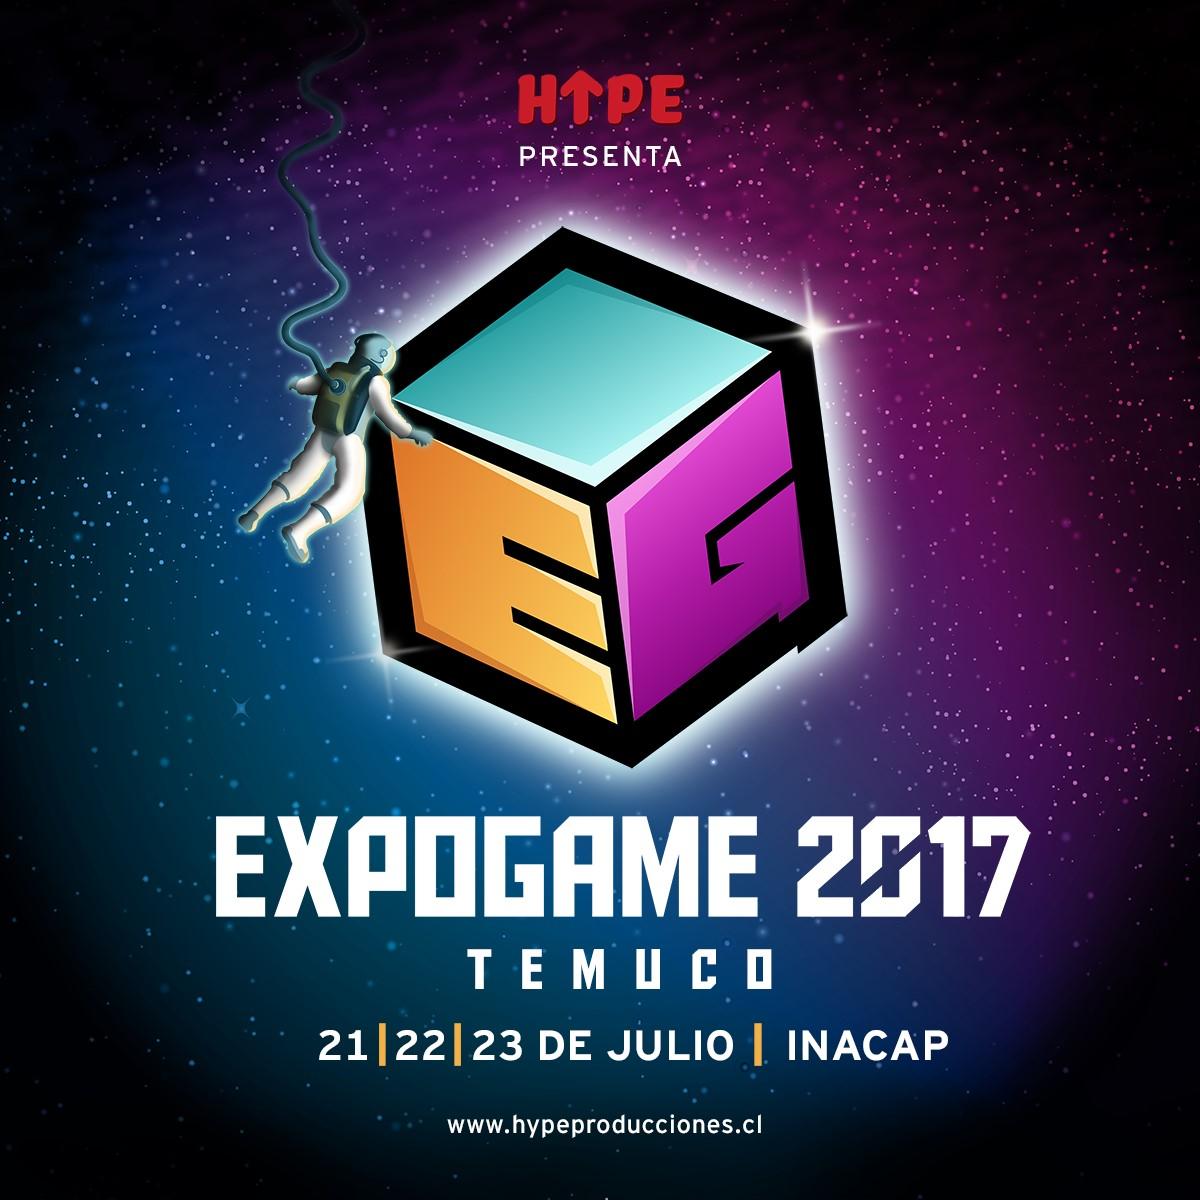 Expogame